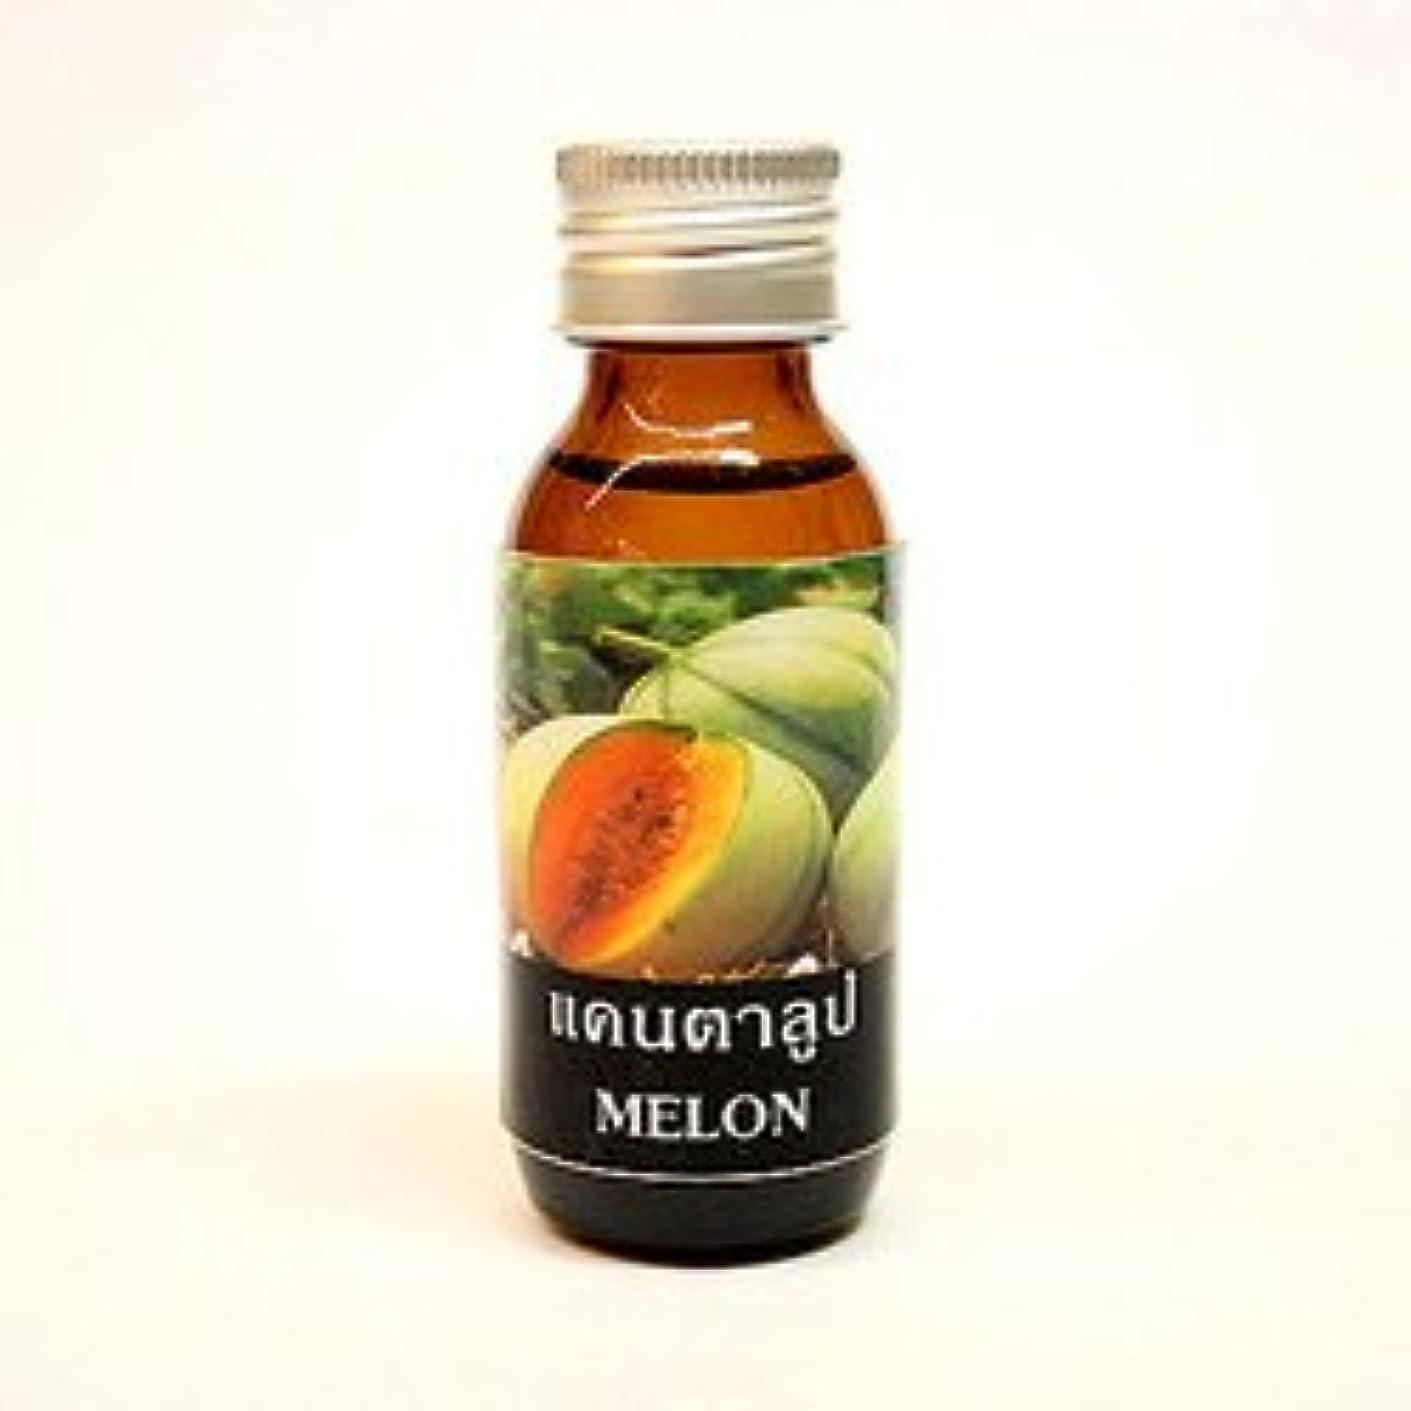 アレルギー性タンパク質谷メロン 〔MELON〕 アロマテラピーオイル 30ml アジアン雑貨